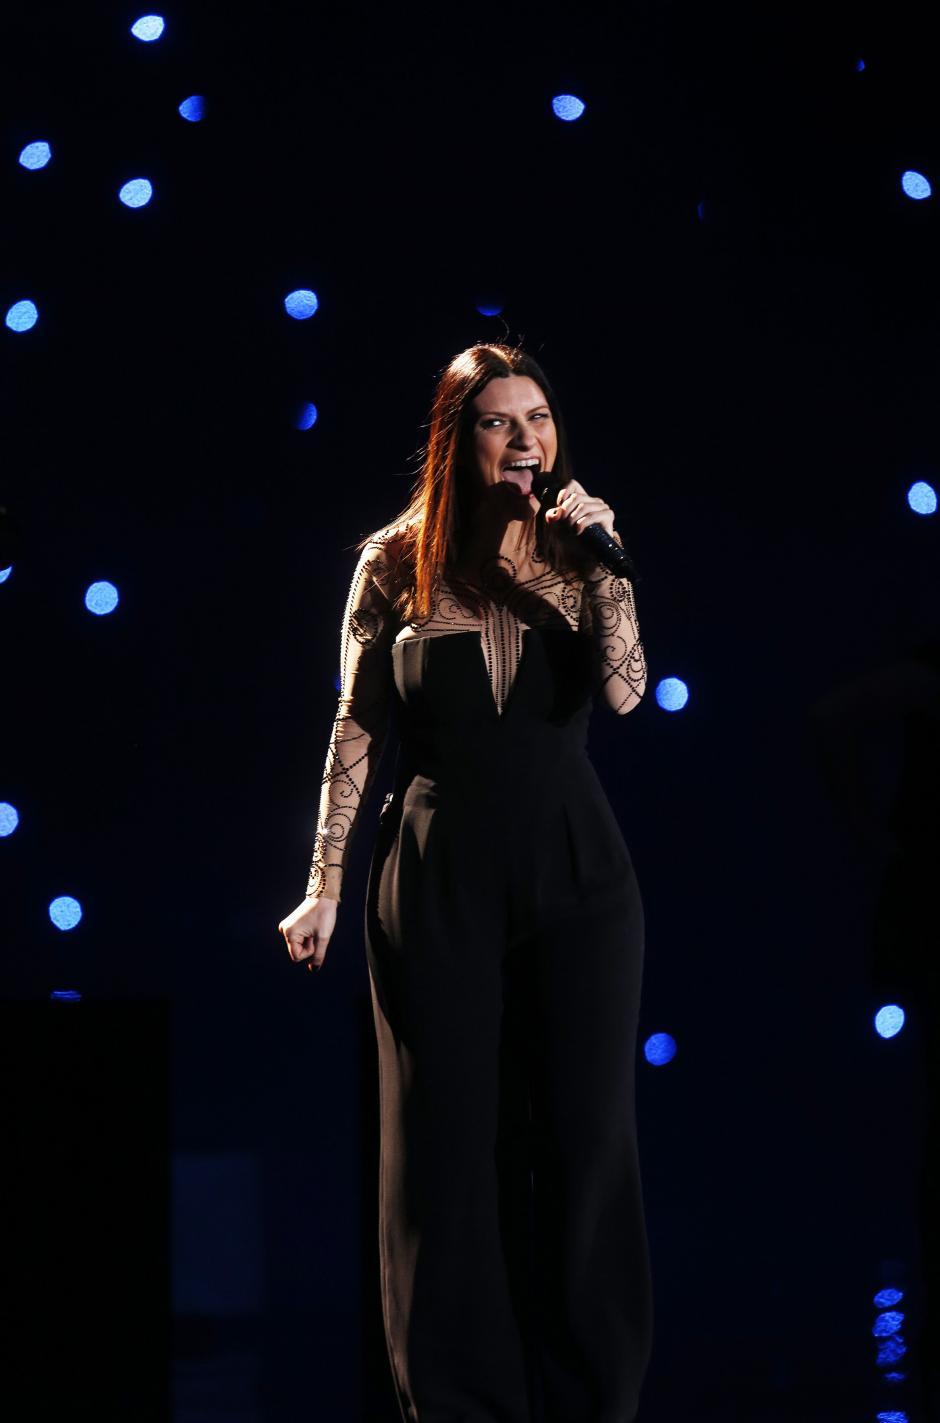 La cantante italiana Laura Pausini fue el número inagural del segundo día del festival, logrando conquistar al público de la Quinta Vergara; la artista cantó los éxitos que por 20 años la han acompañado. (Foto: EFE/Felipe Trueba)